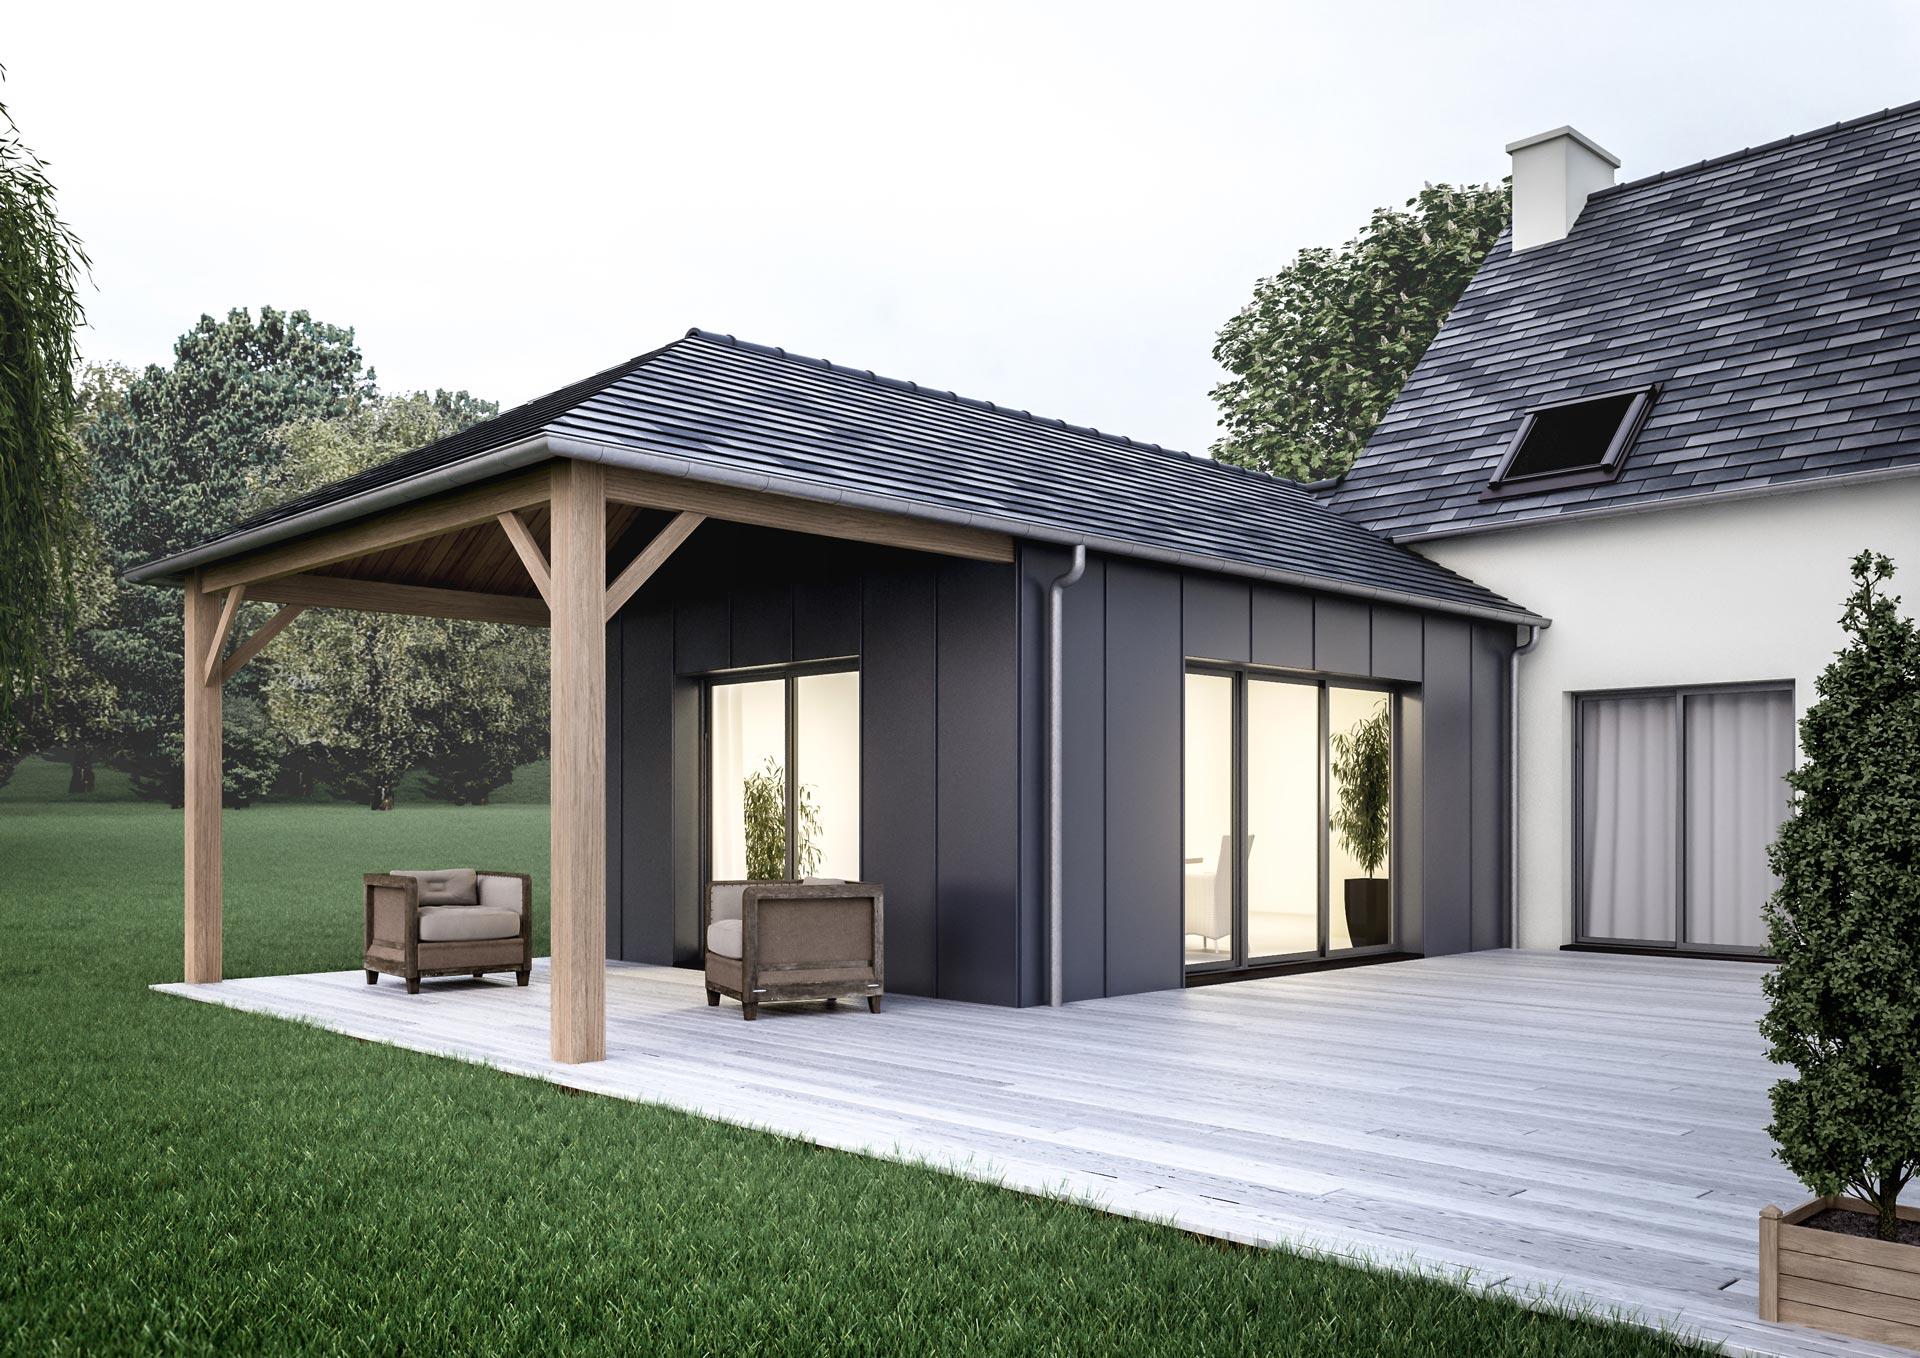 Agrandir sa maison comment choisir entre la v randa et l 39 extension de maison - Veranda extension maison ...